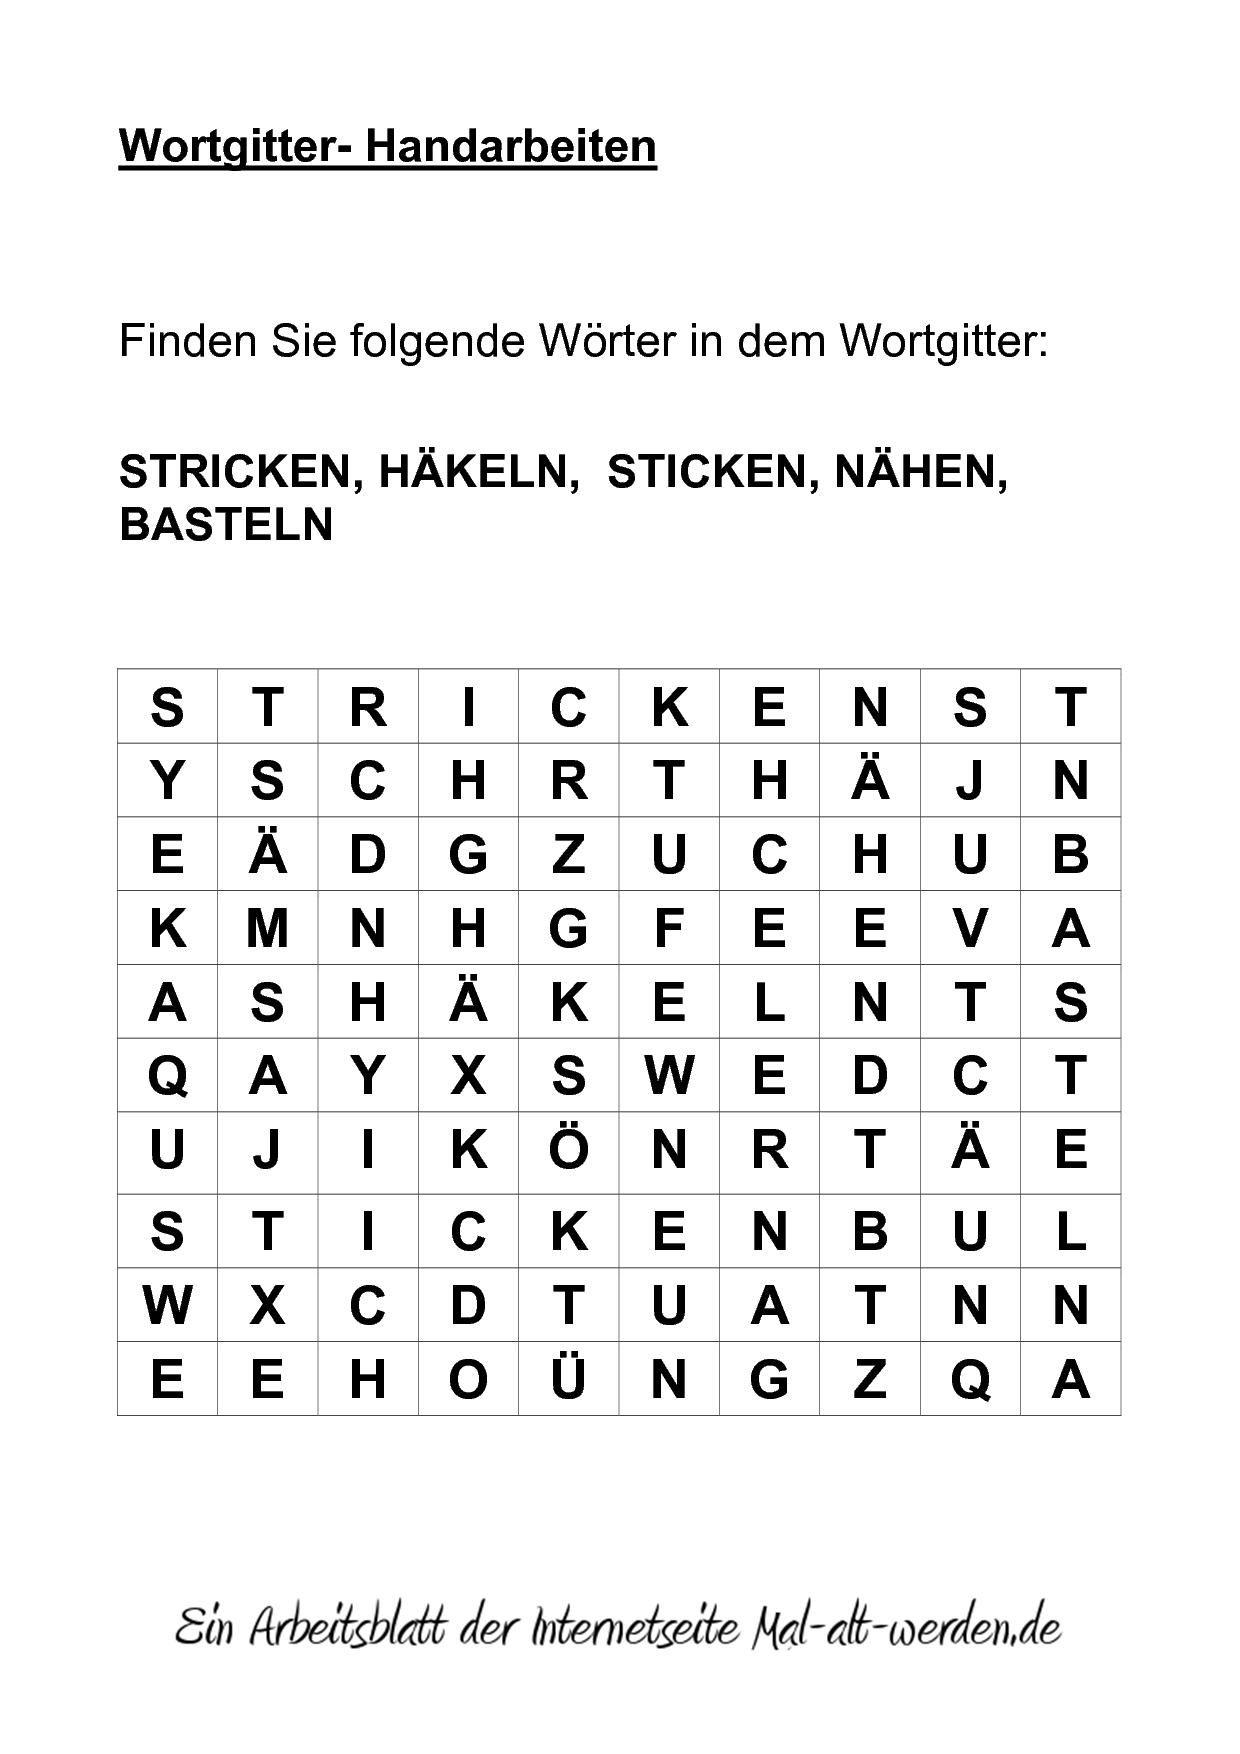 Wortgitter- Handarbeiten | 10min-Aktivierung/Gruppen ...